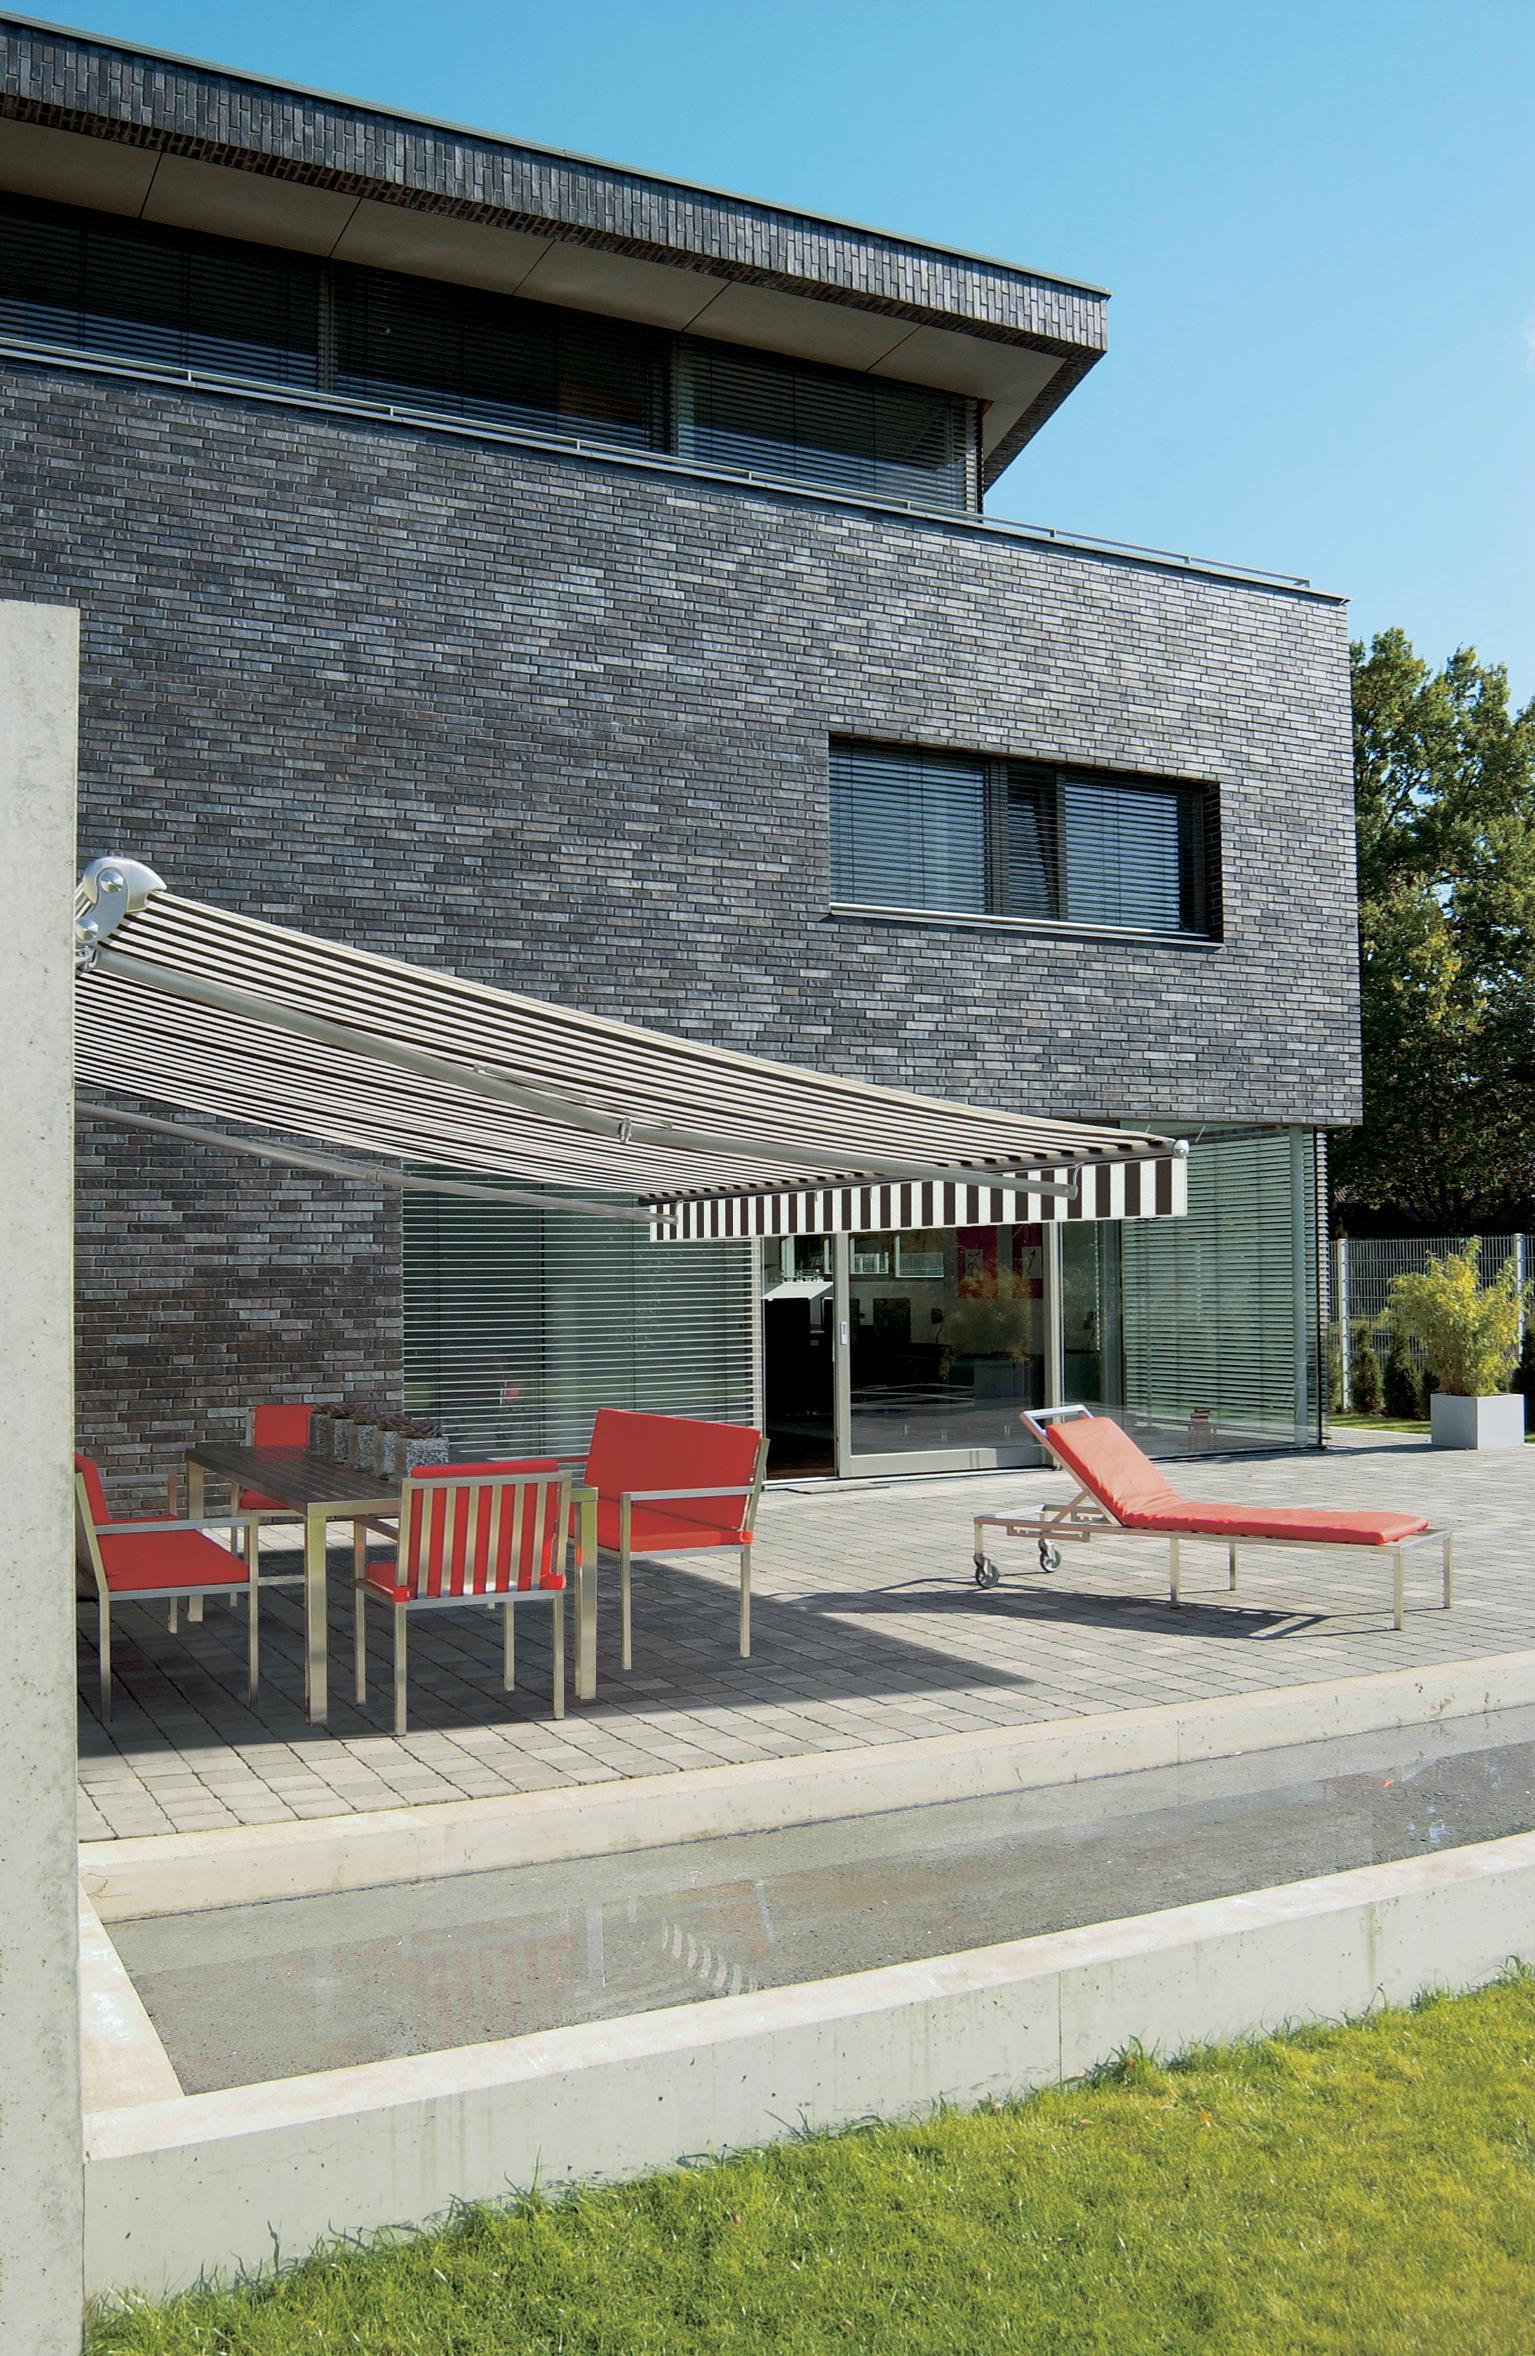 Gestreifte Markise #terrassenmöbel #steinterrasse ©Markilux